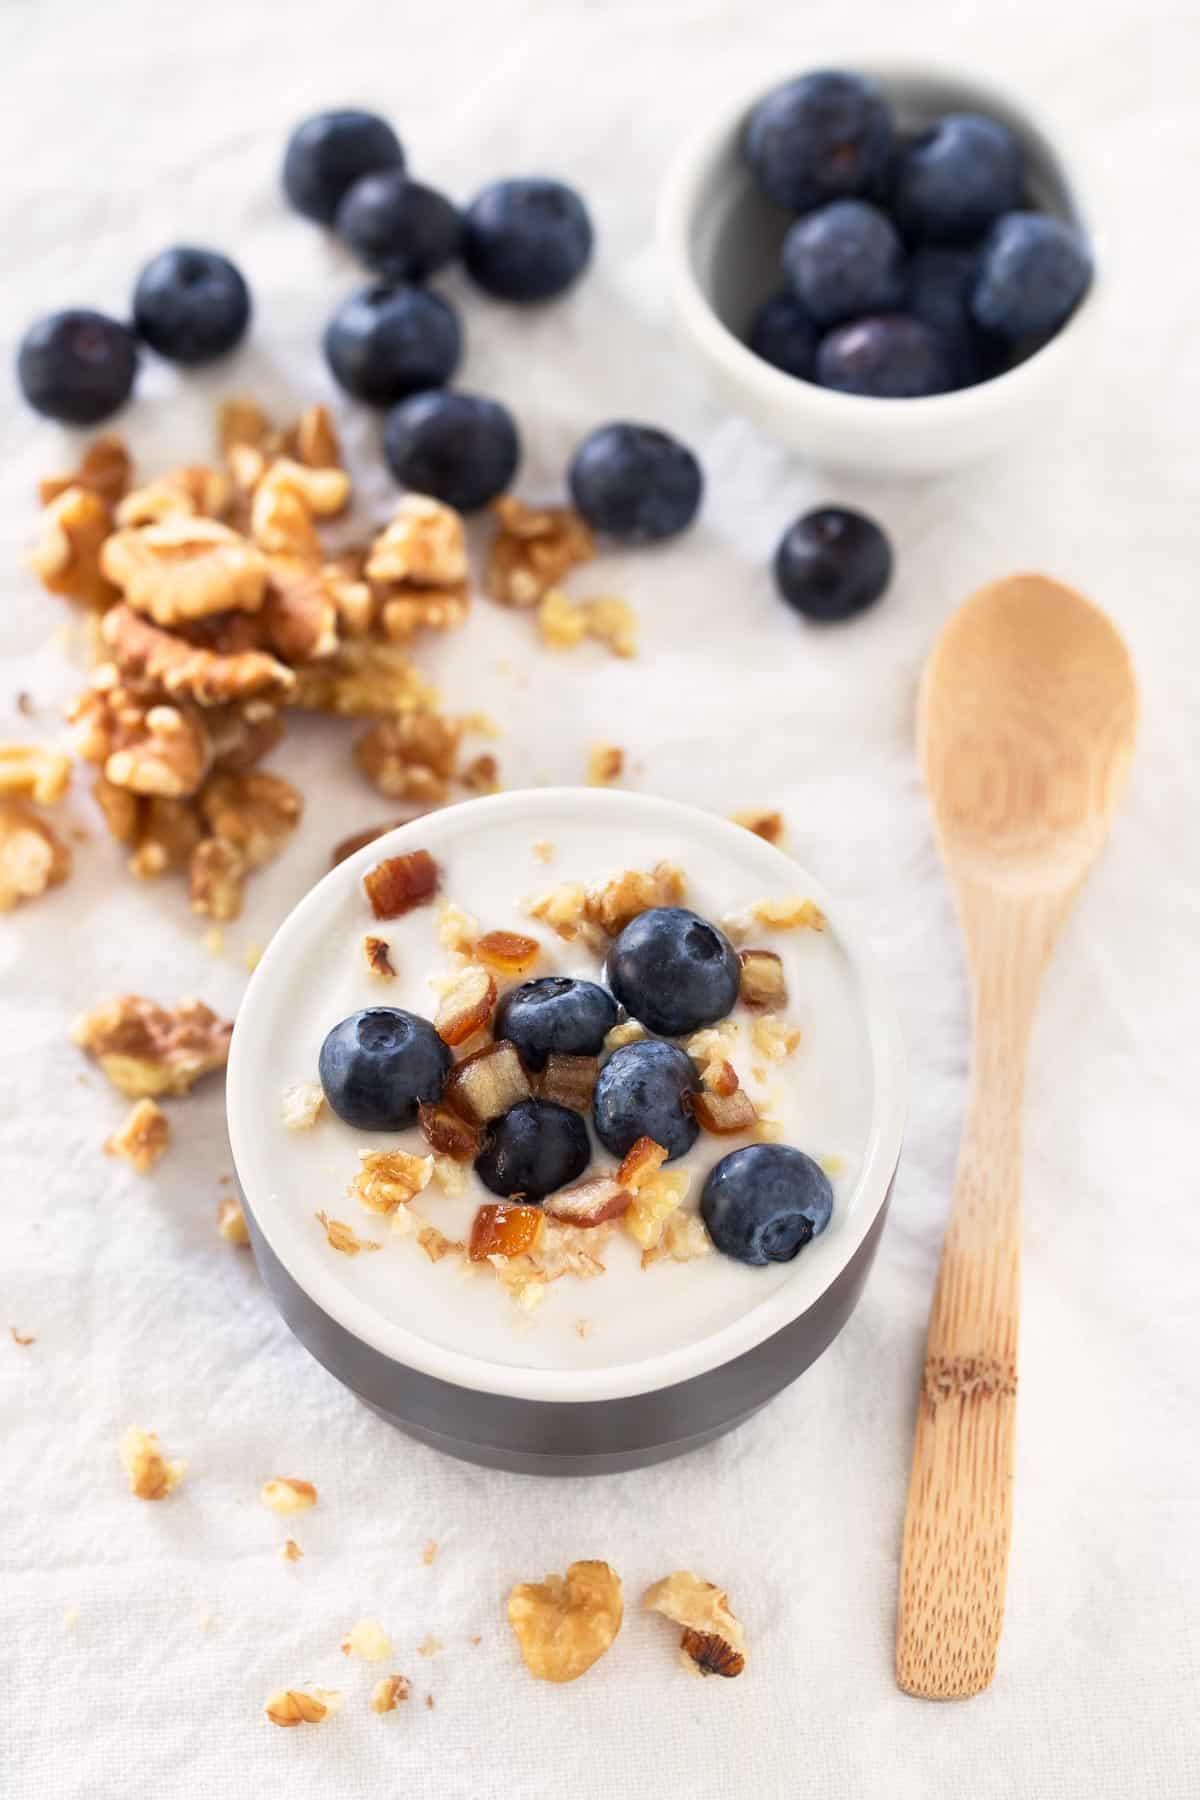 Yogur Vegano de Coco (2 Ingredientes).- Para hacer este yogur de coco vegano sólo se necesitan 2 ingredientes. Es una receta muy simple y rápida. ¡Es mi yogur casero preferido!